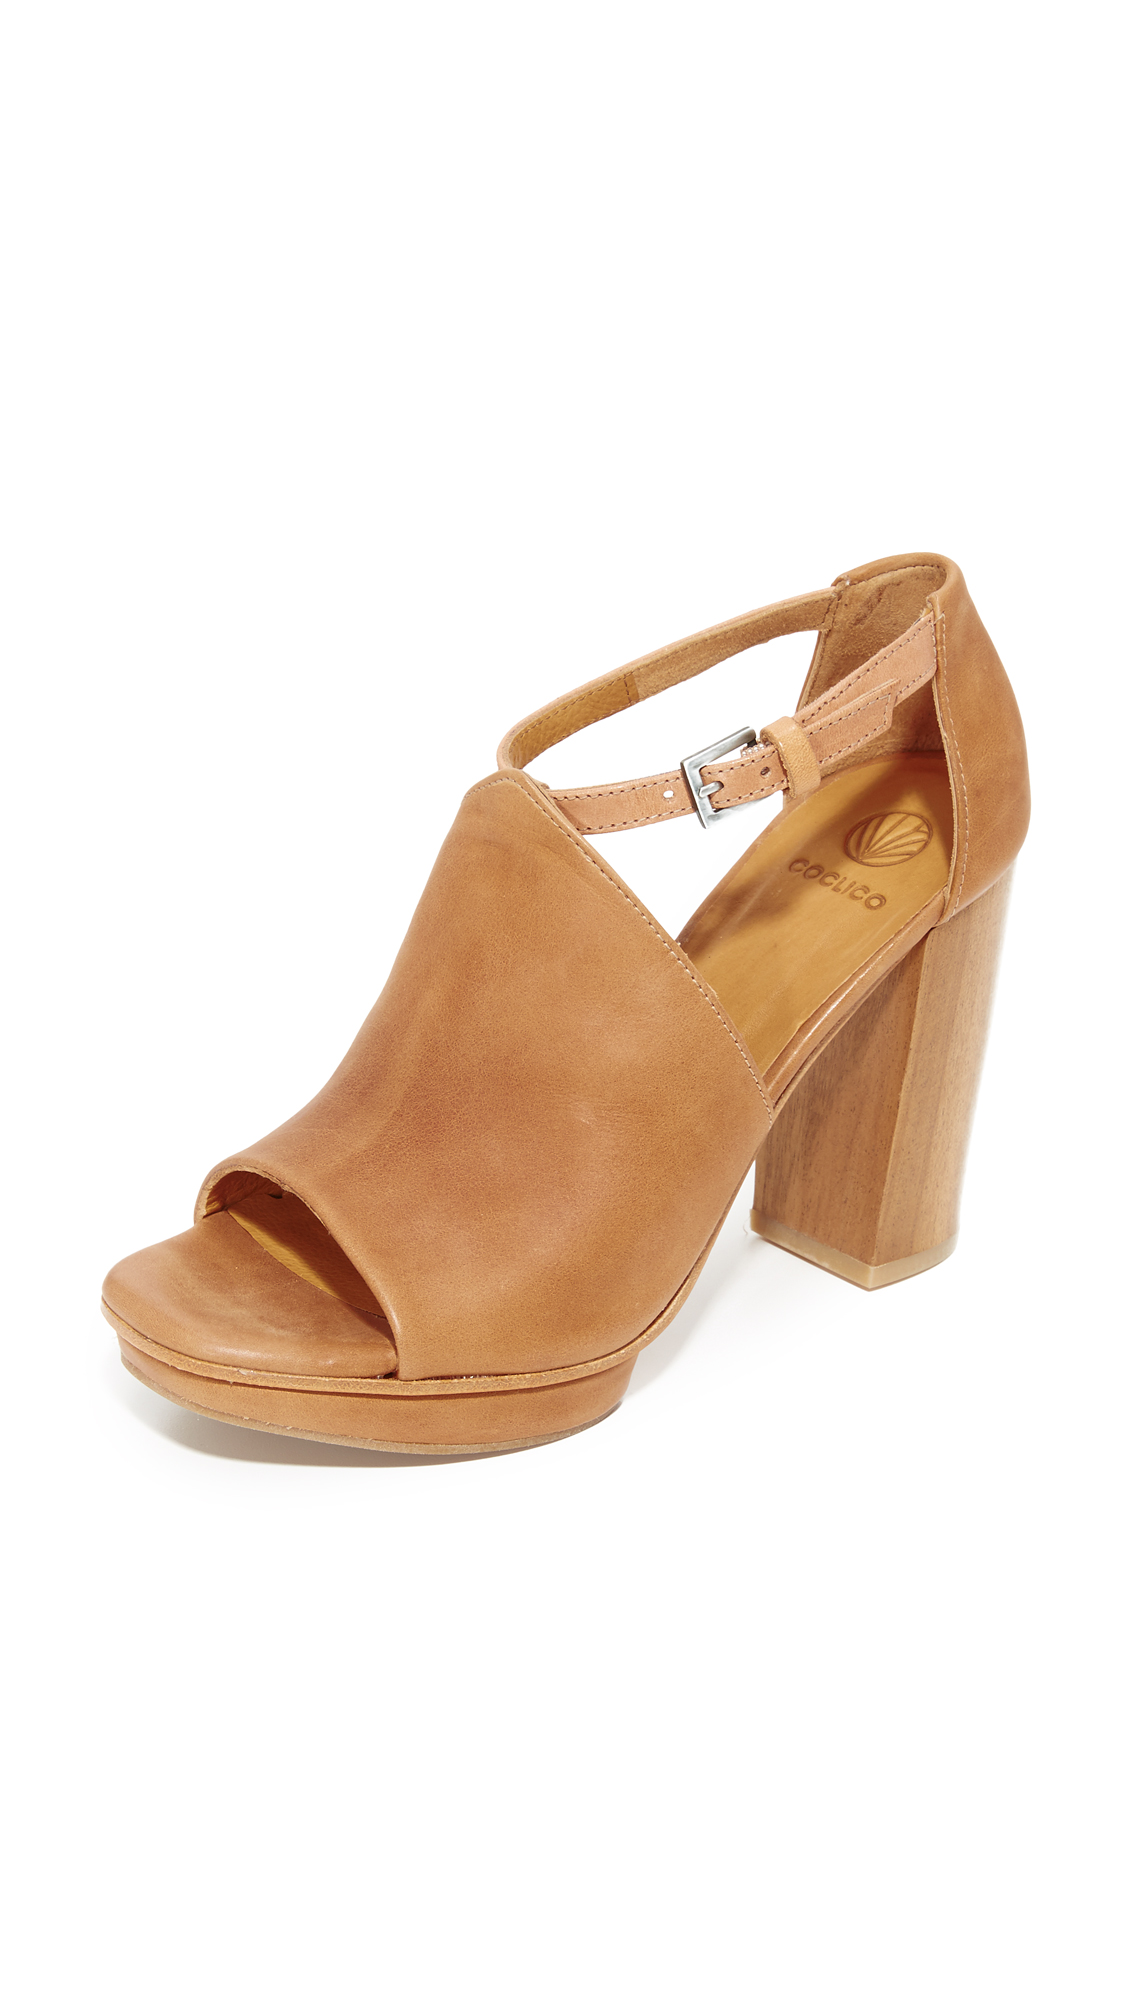 Coclico Shoes Leash Platform Sandals - Sahara at Shopbop